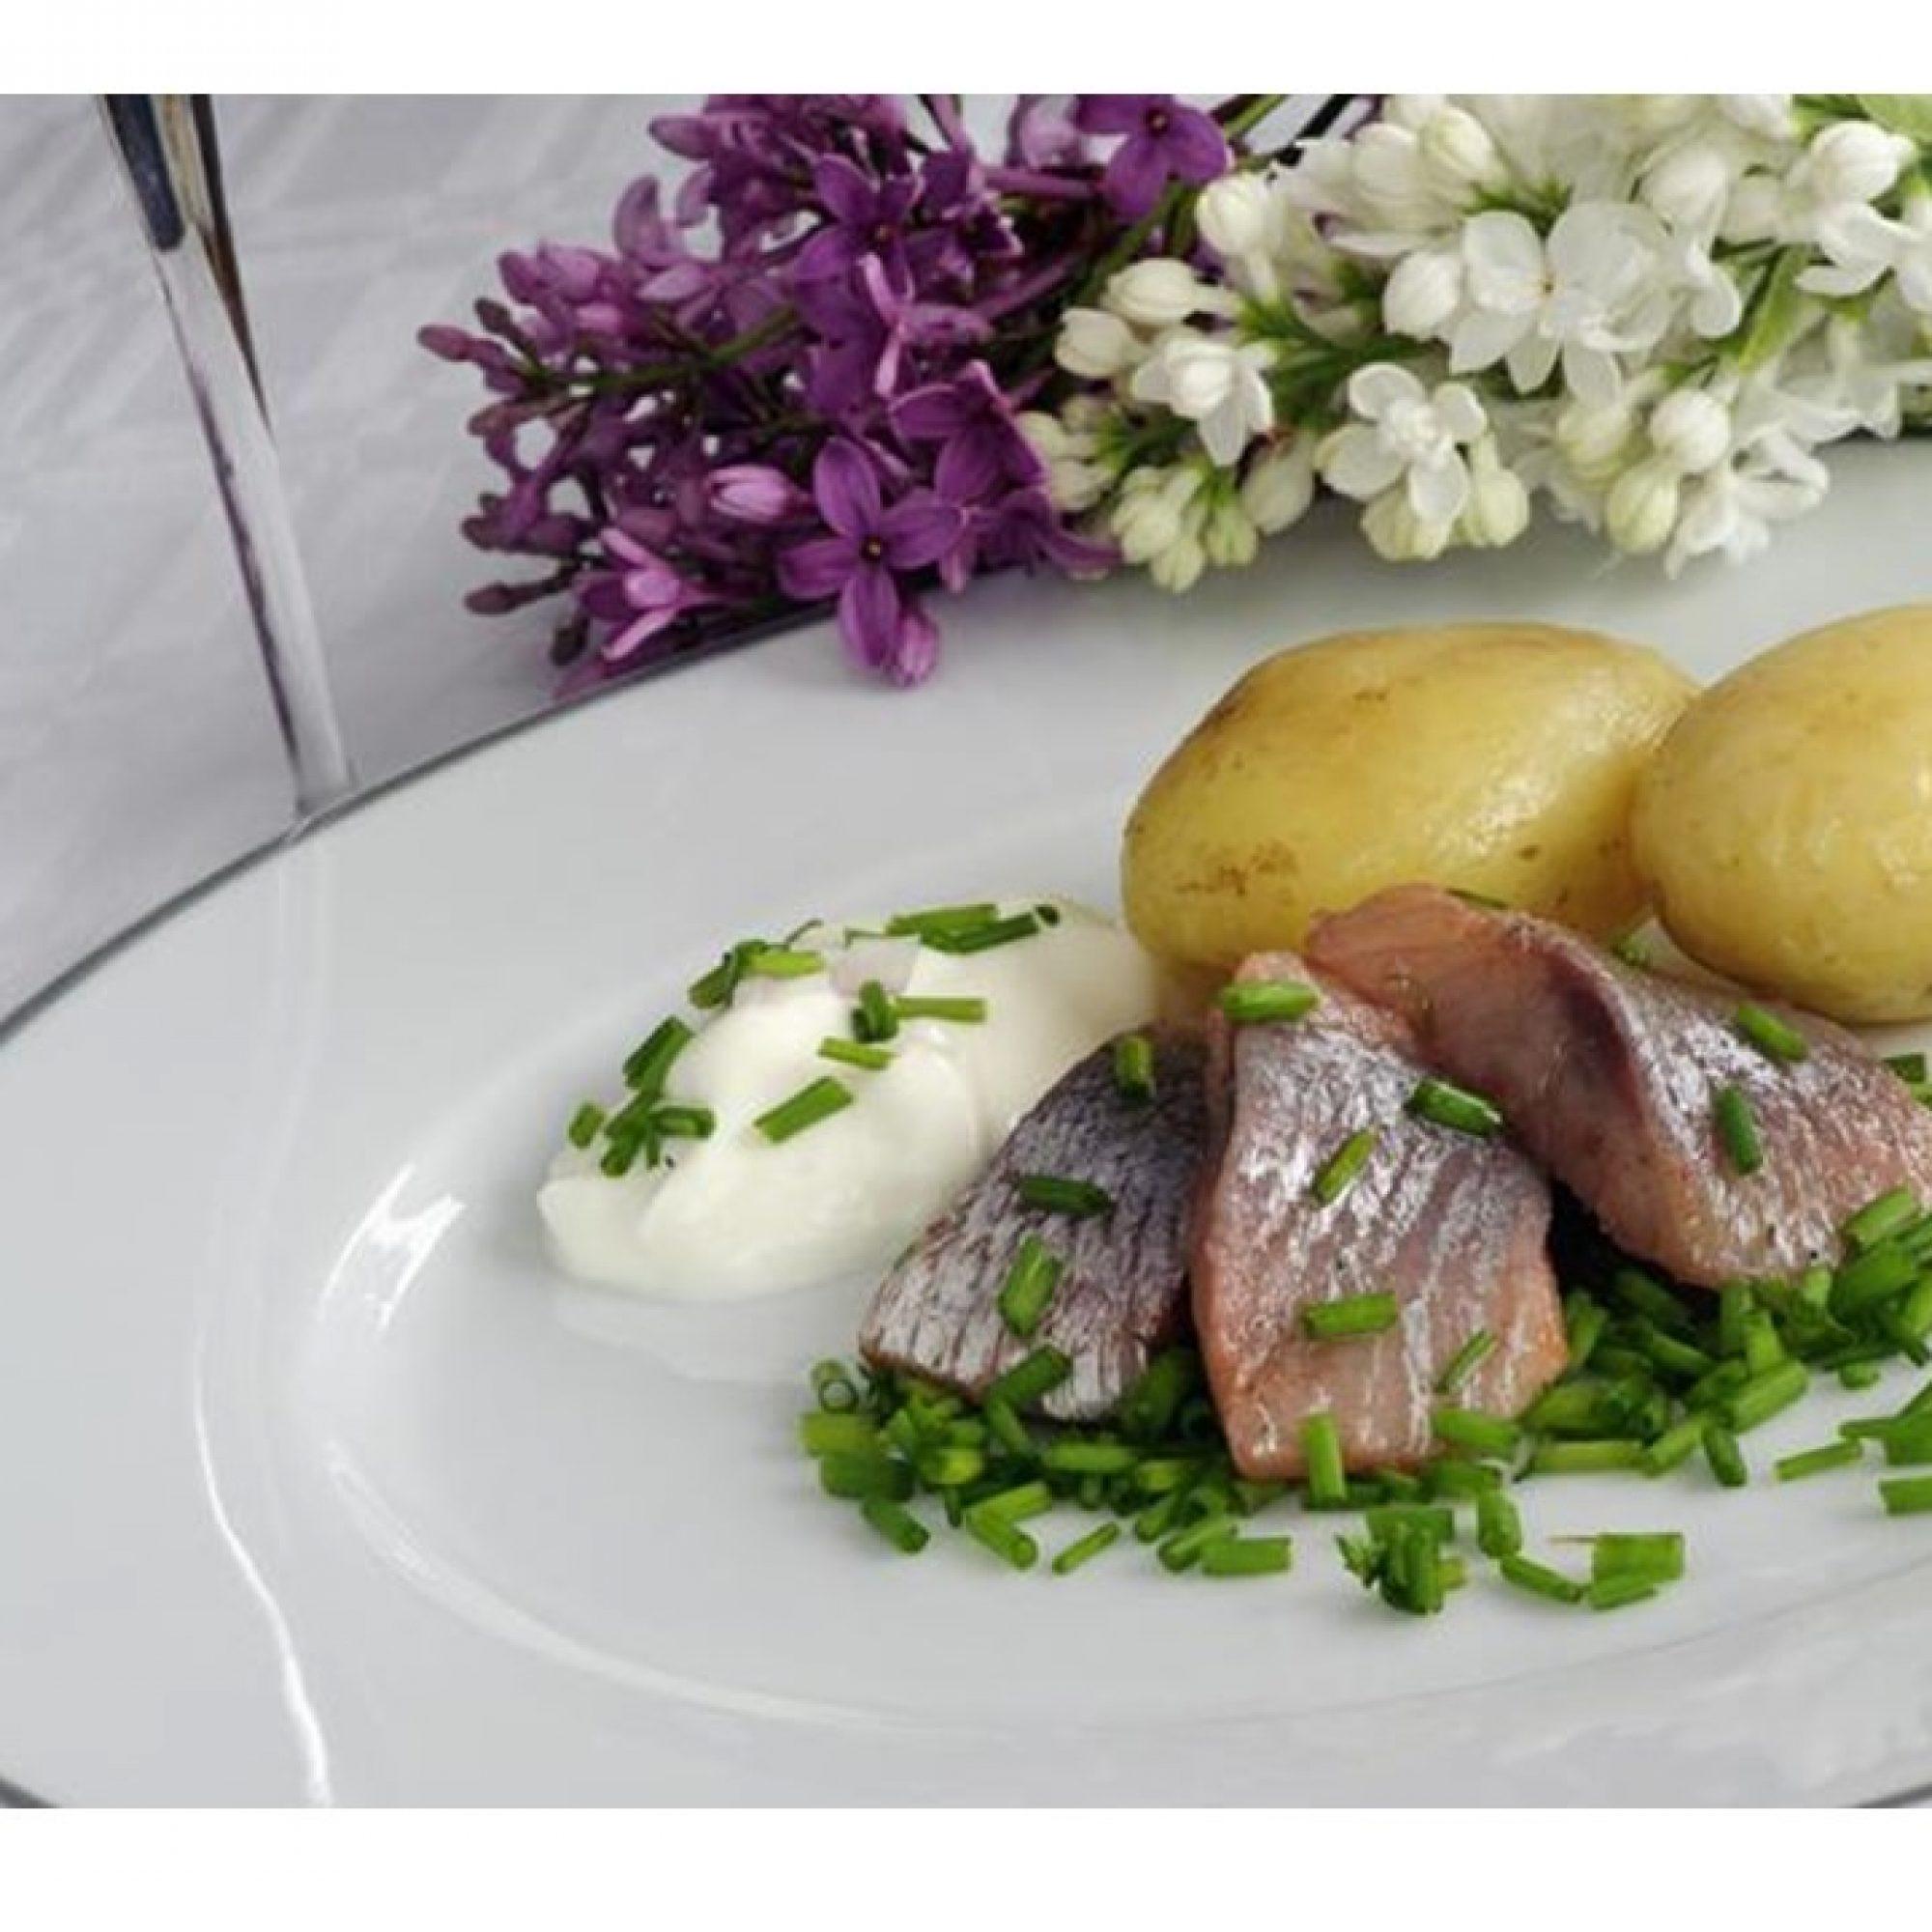 sill o potatis